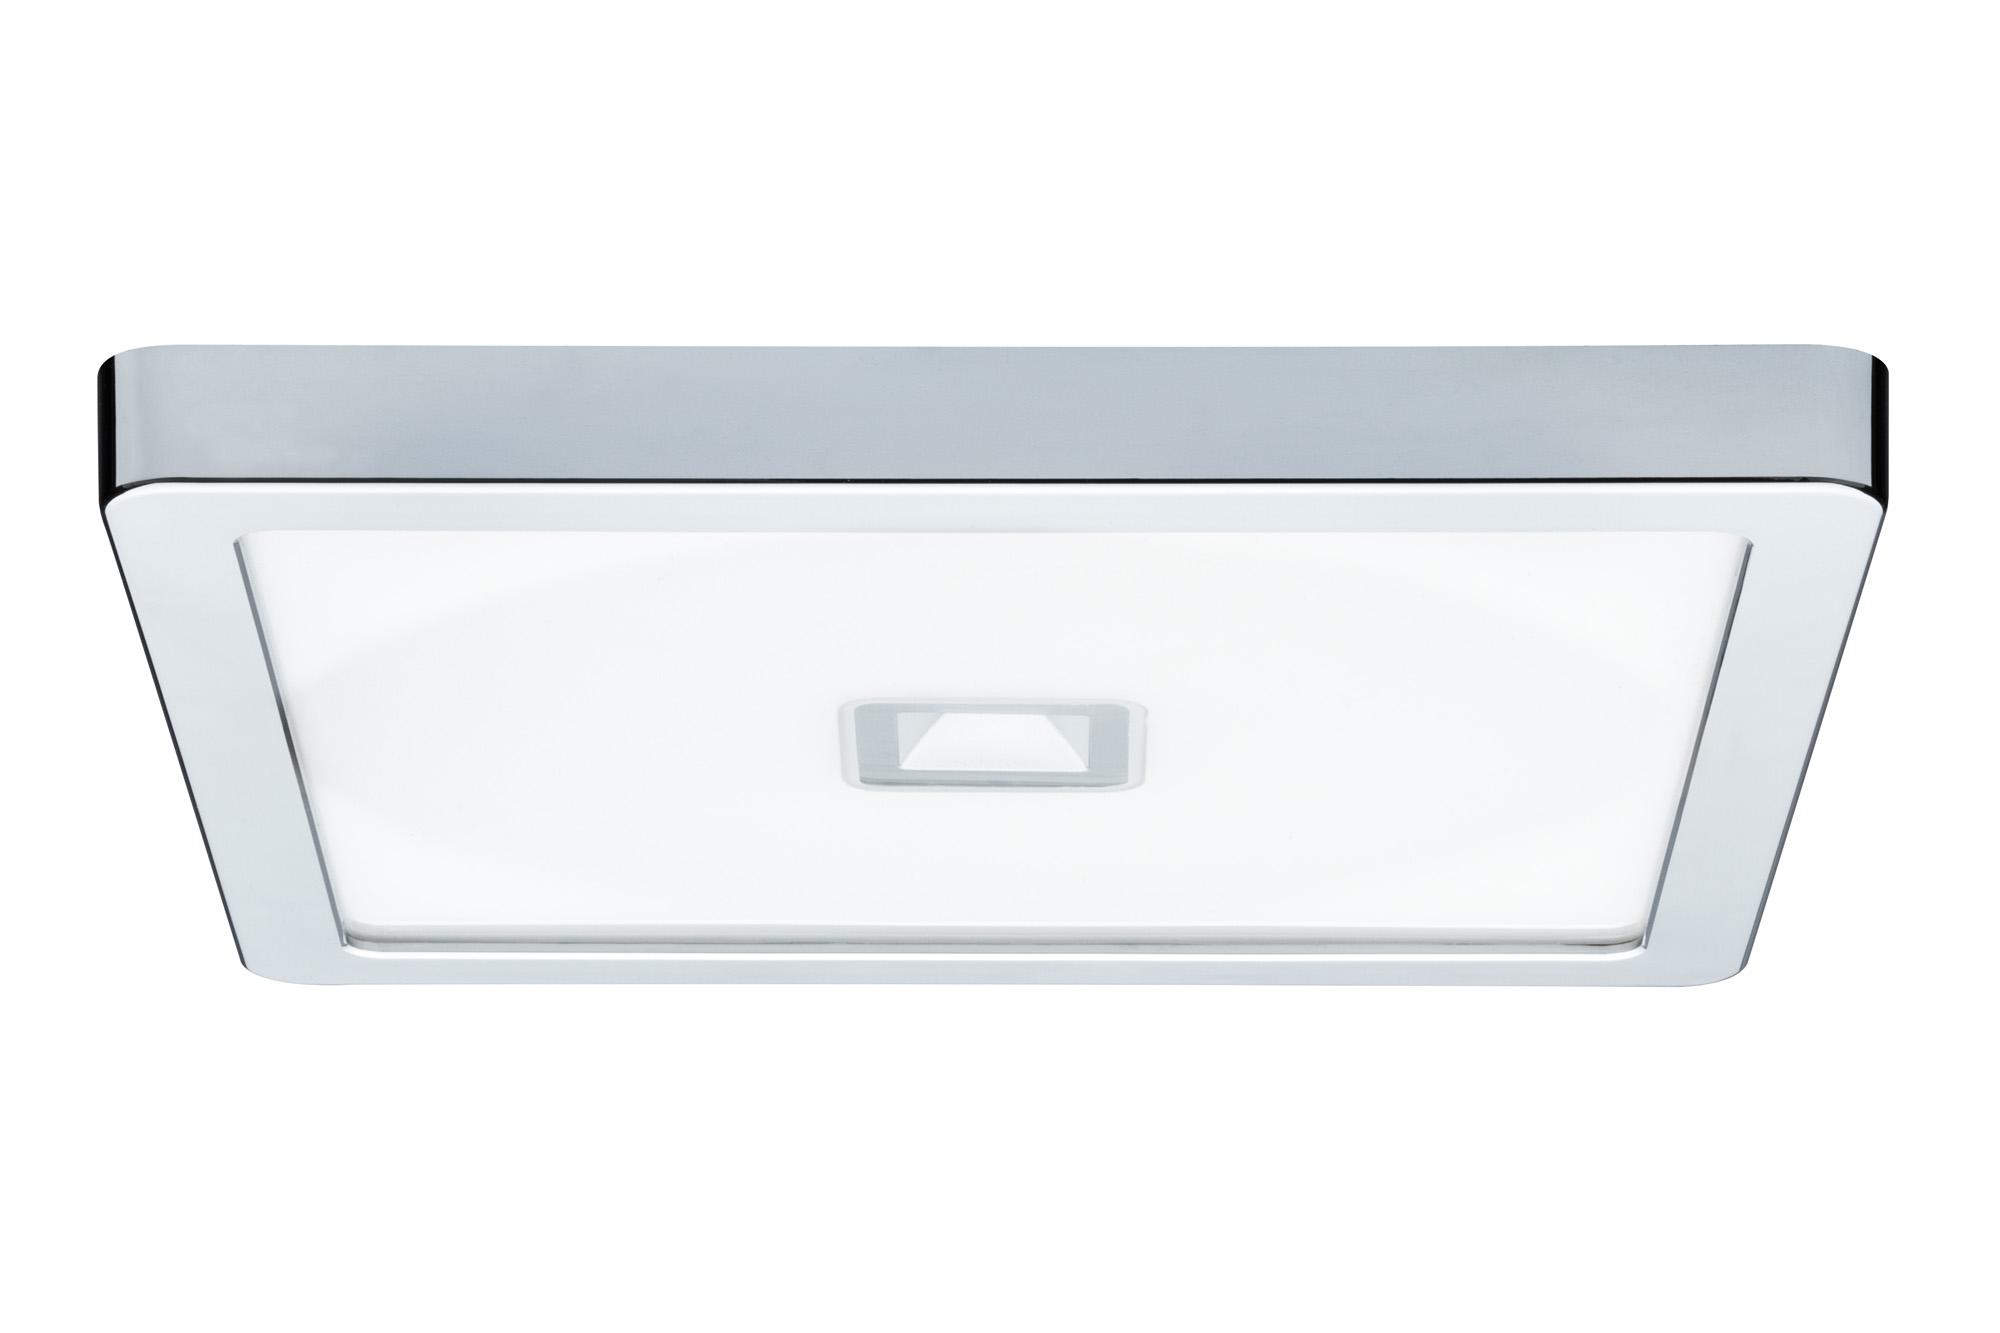 paulmann wallceiling beam led panel 19w 230v 20va ip44 2700k eckig online kaufen im. Black Bedroom Furniture Sets. Home Design Ideas